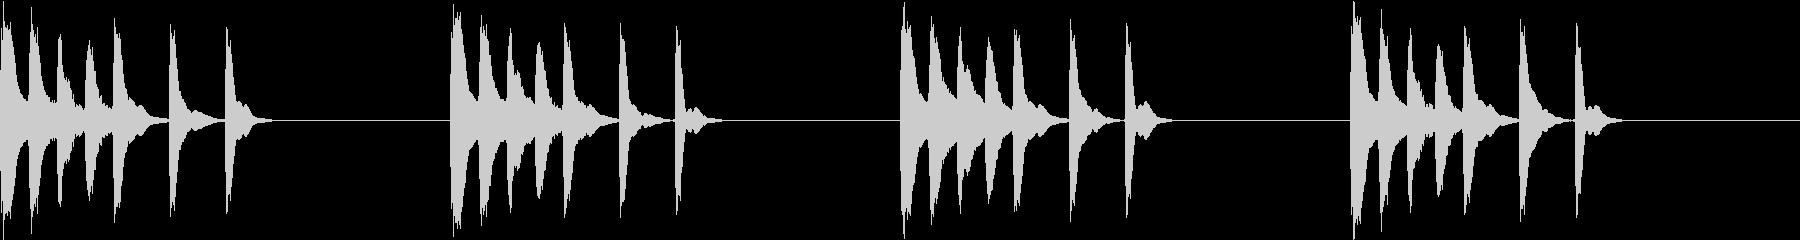 シンプル ベル 着信音 チャイム C17の未再生の波形